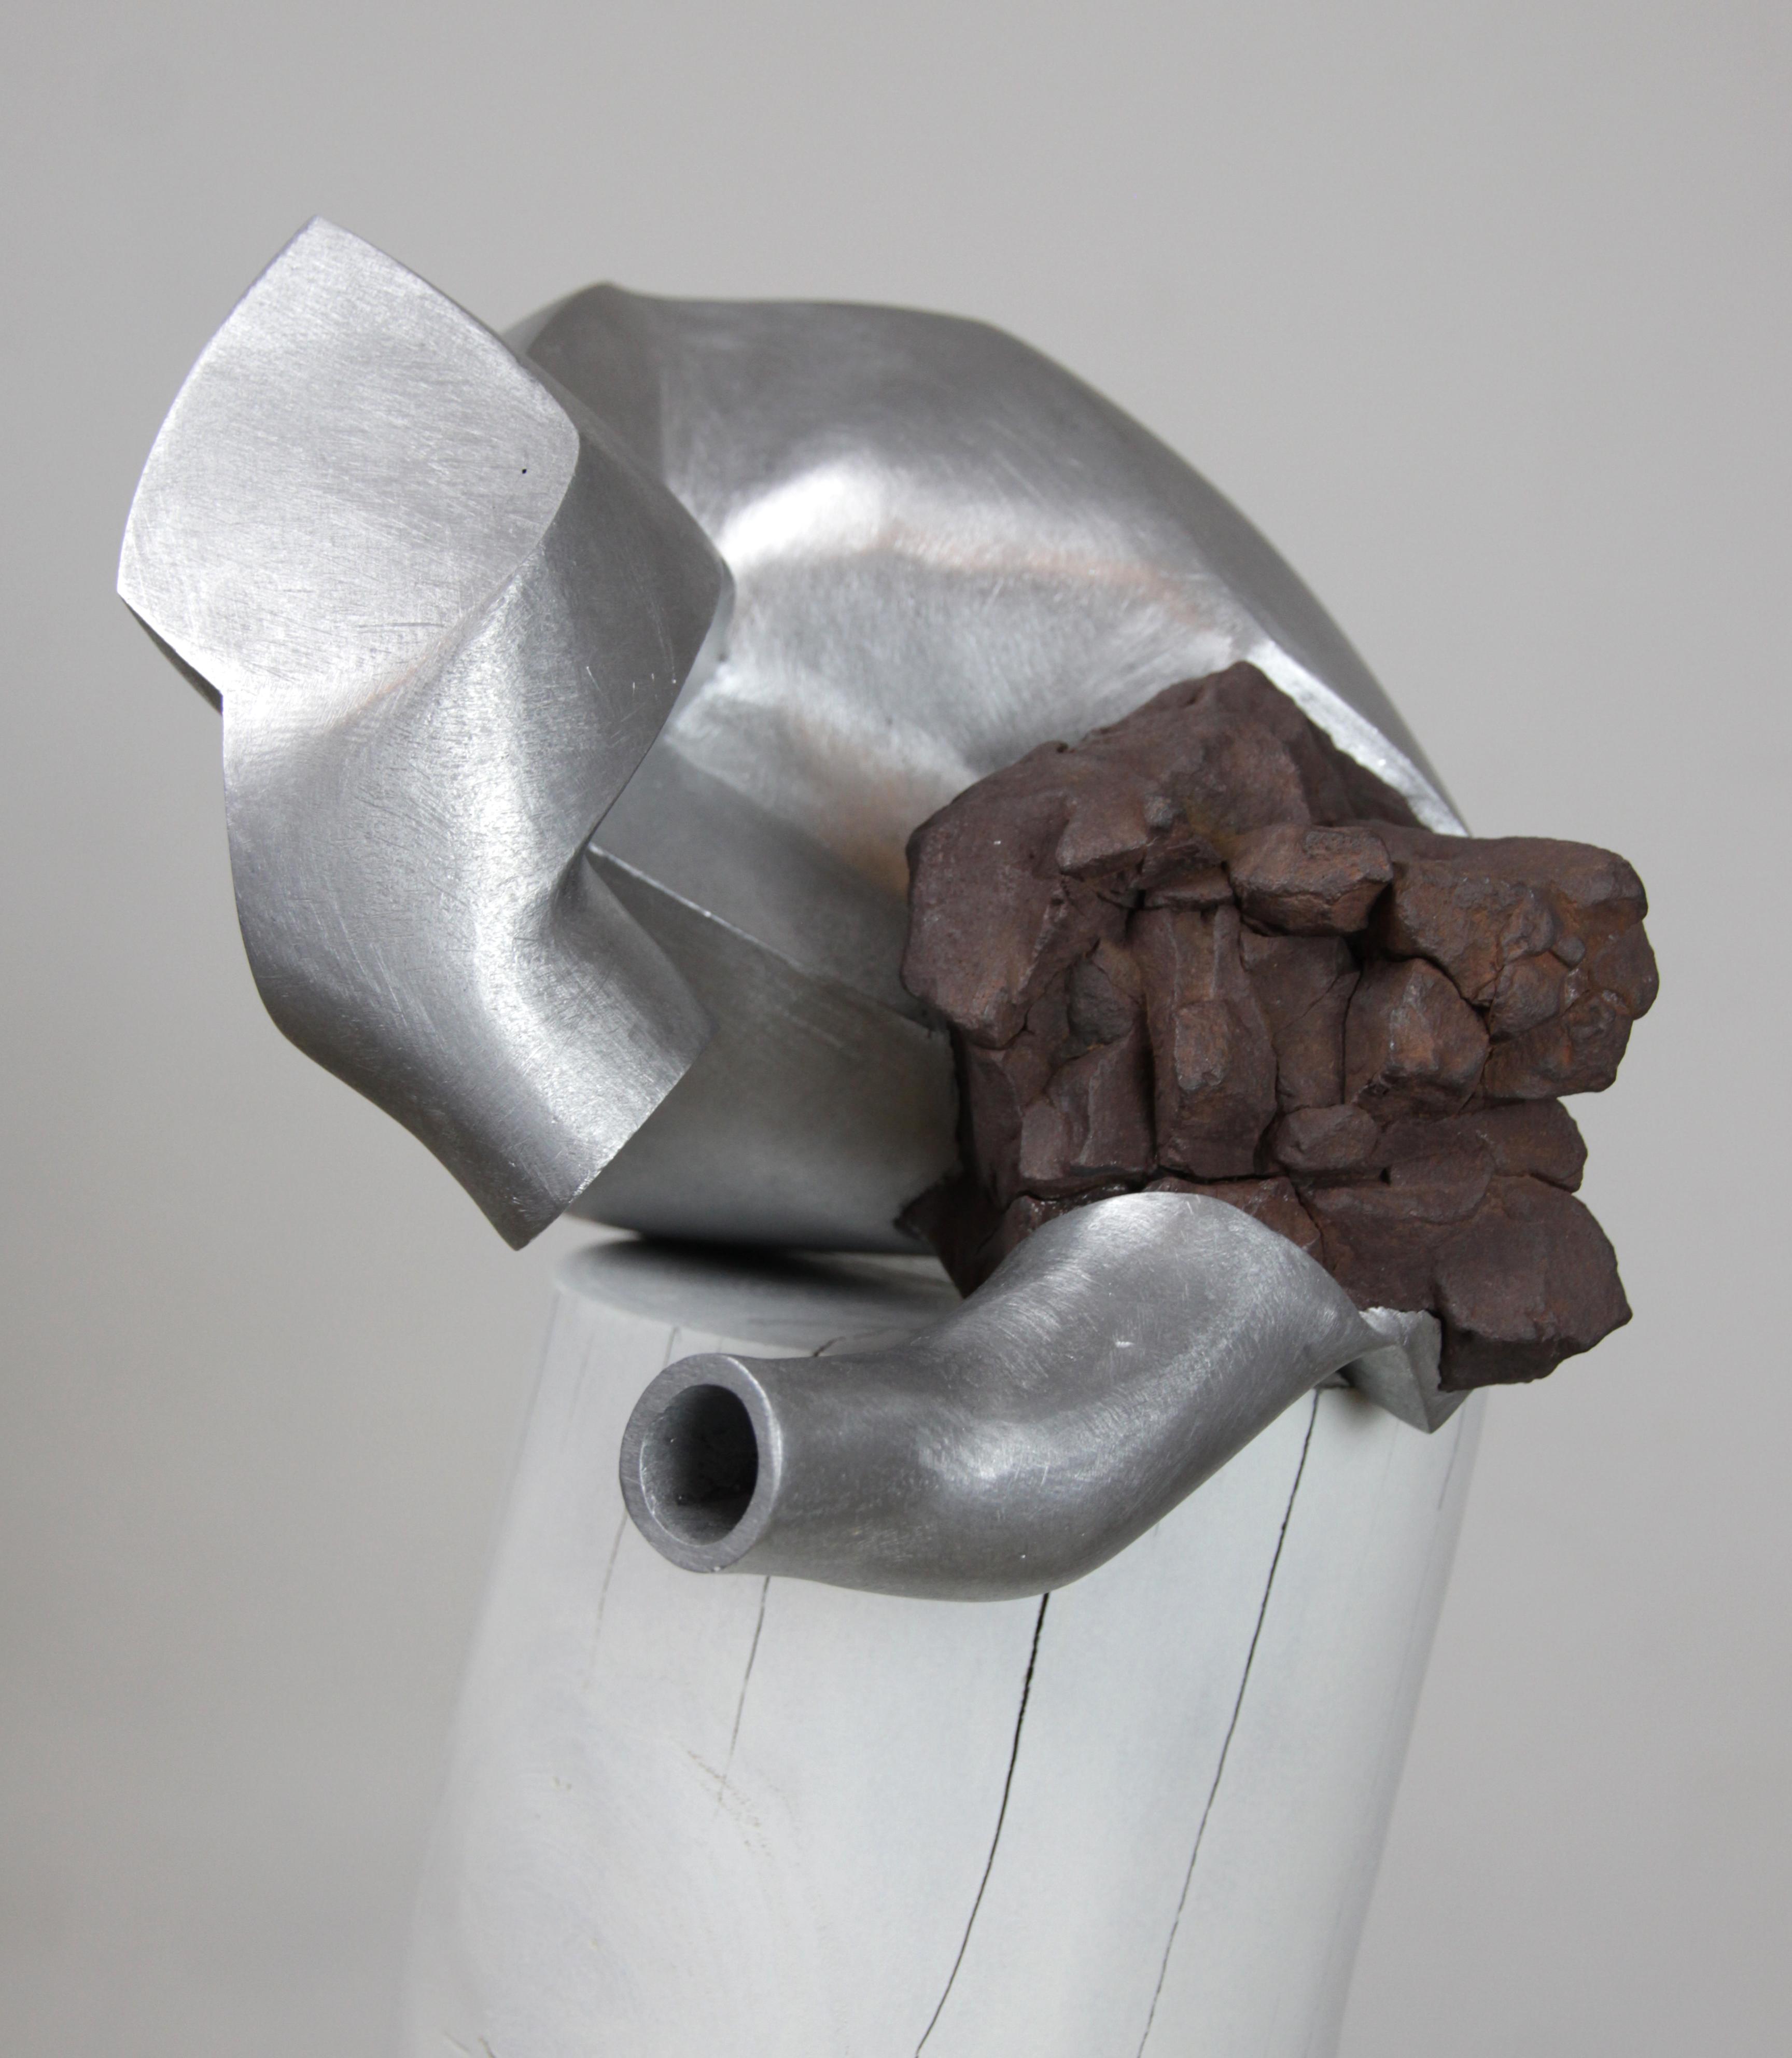 Sandra Rosenstiel verbund 01  2017  Aluminium, Basaltstein  0,24m x 0,20m x 0,25m